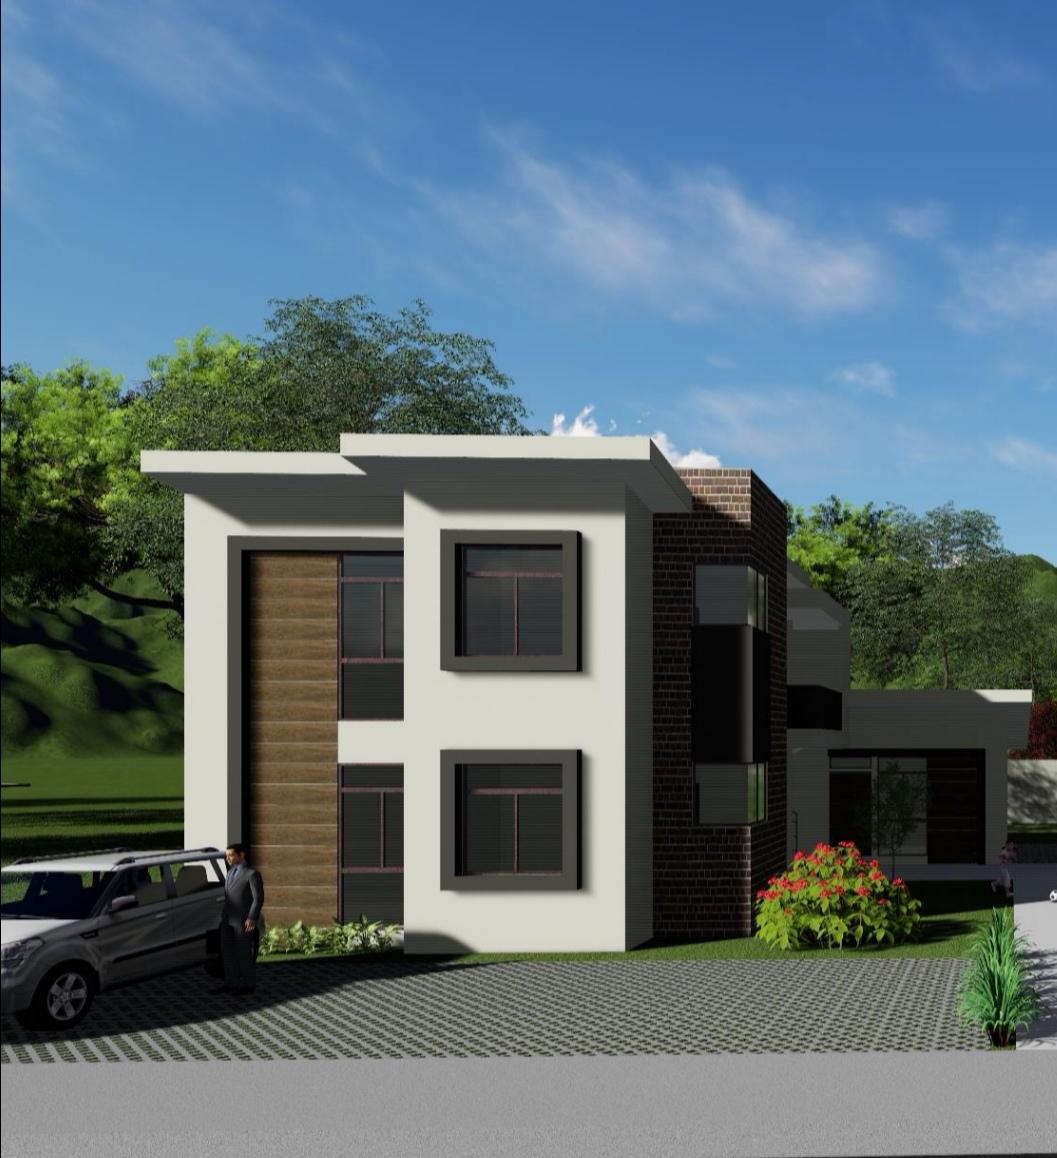 USD$600 – Alquiler de Apartamento Nuevo en Condominio, 2 Hab, Concepcion de Tres Rios